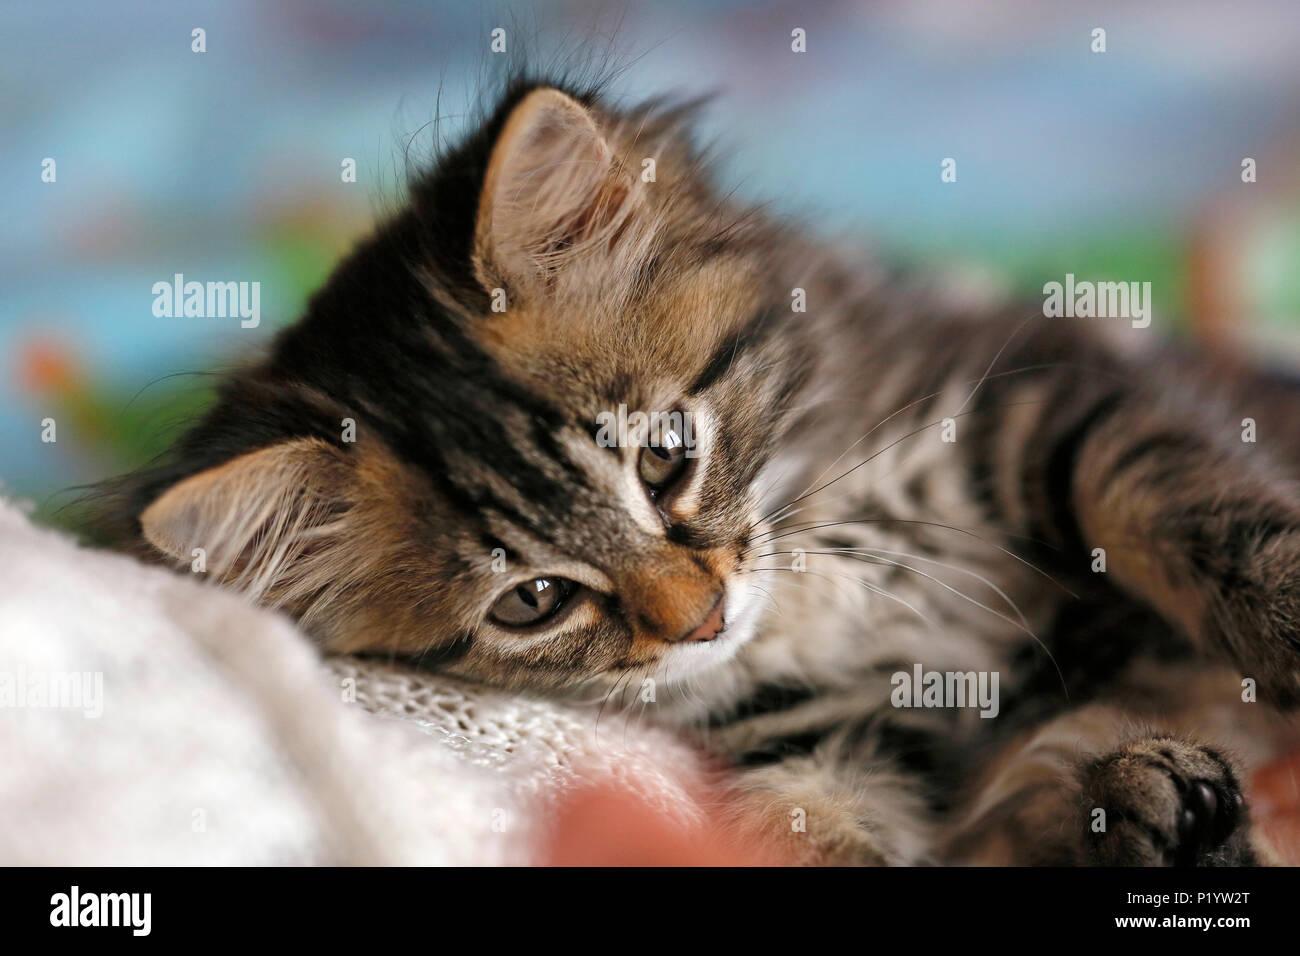 Seine et Marne. Close up di un cucciolo di sesso femminile di età compresa tra 9 settimane giacente su un letto. Norwegian gatto di razza. Immagini Stock